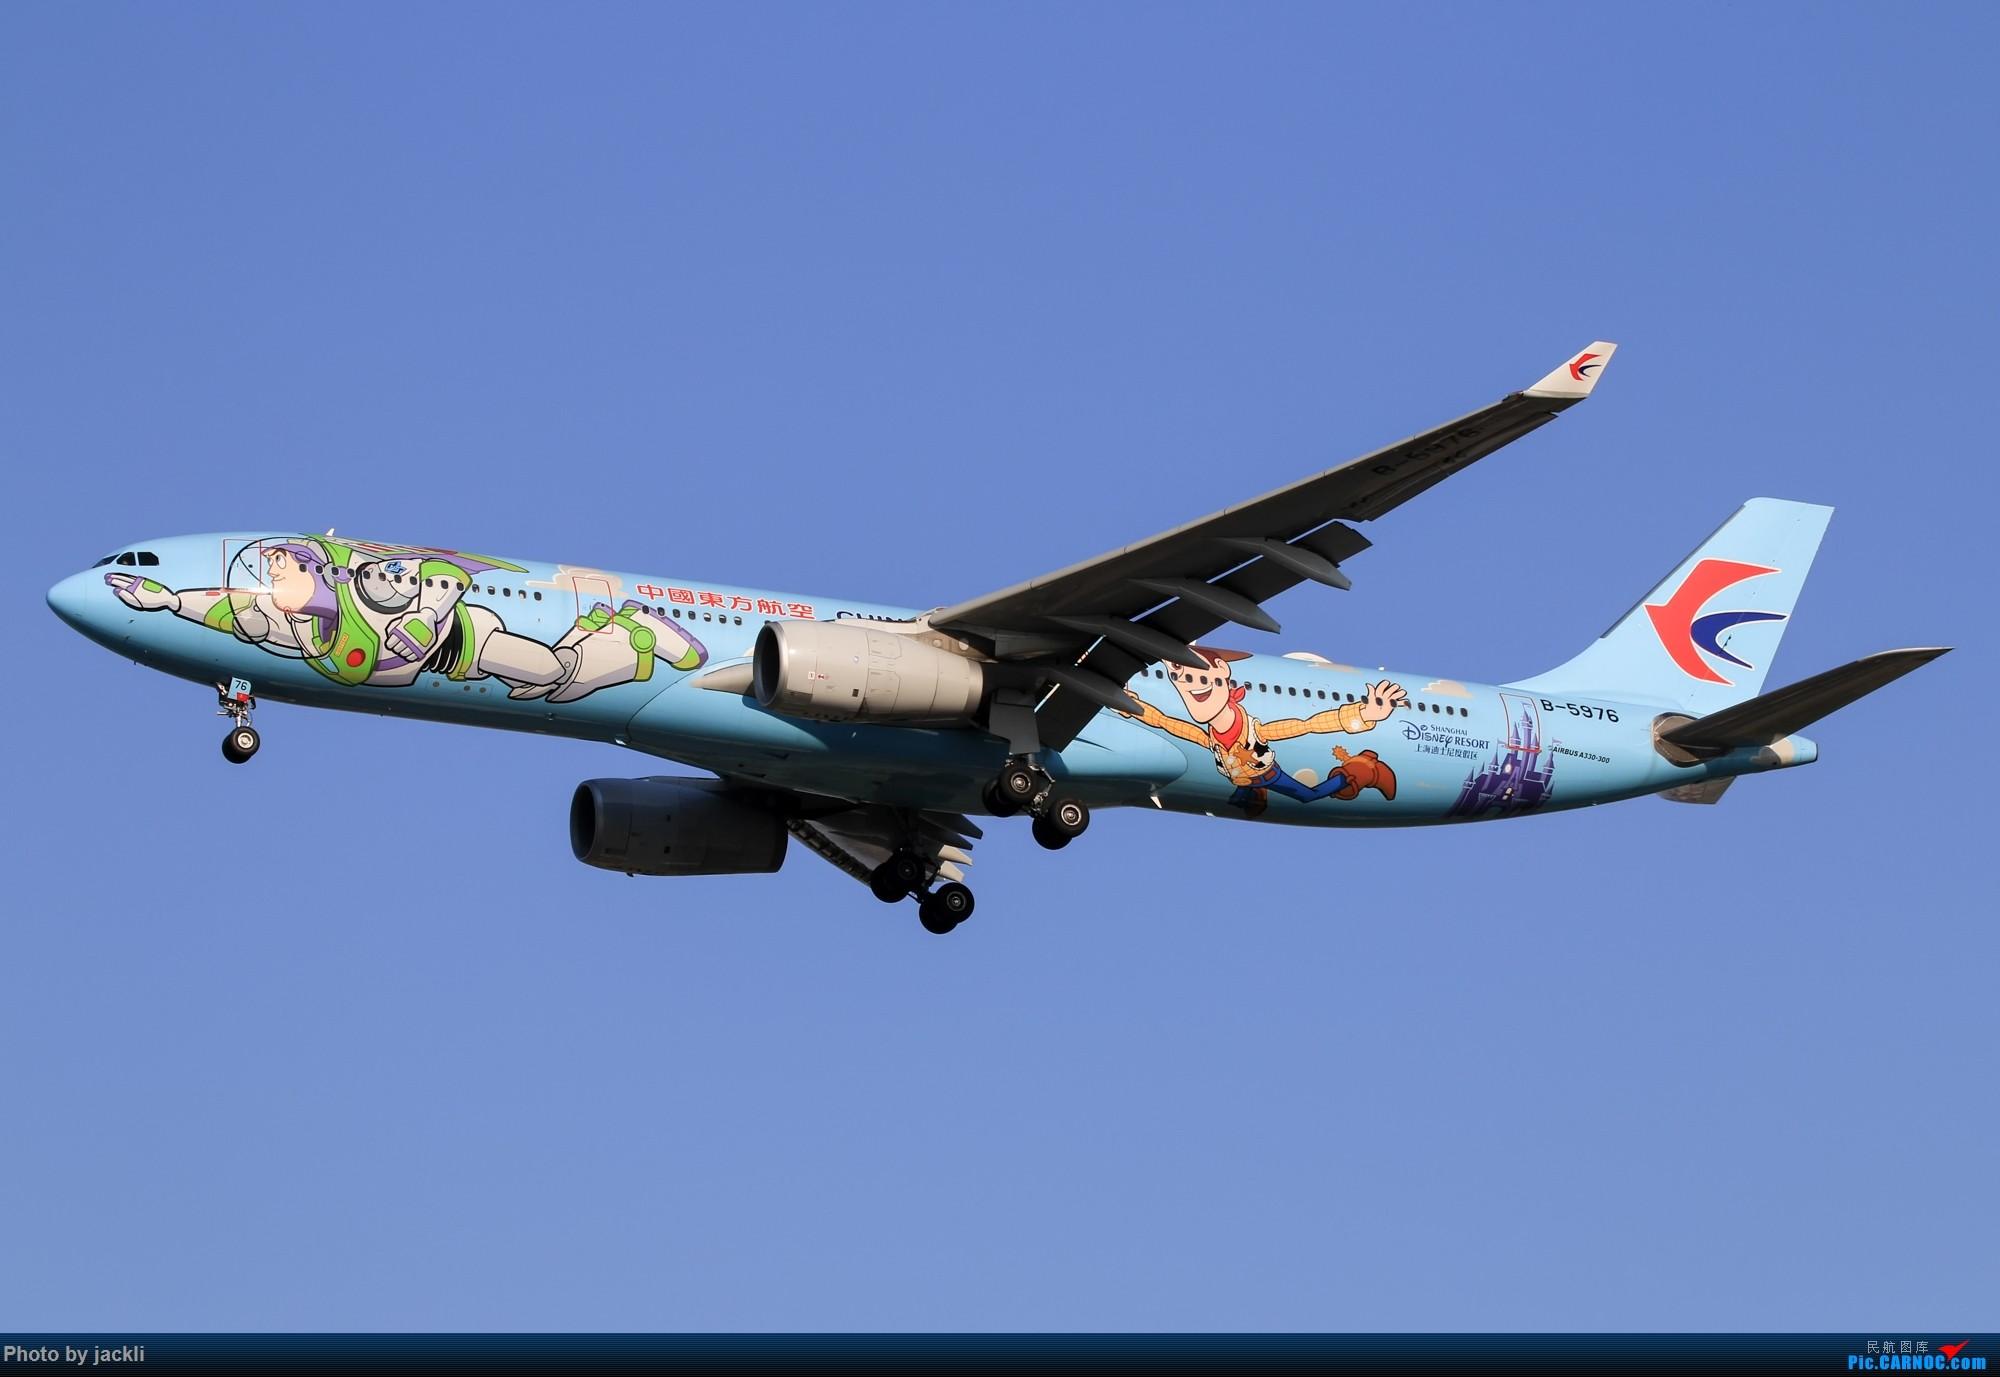 Re:[原创]【JackLi拍机+游记】北京首都机场拍机+参观民航博物馆+首次体验国航A350~ AIRBUS A330-300 B-5976 中国北京首都国际机场